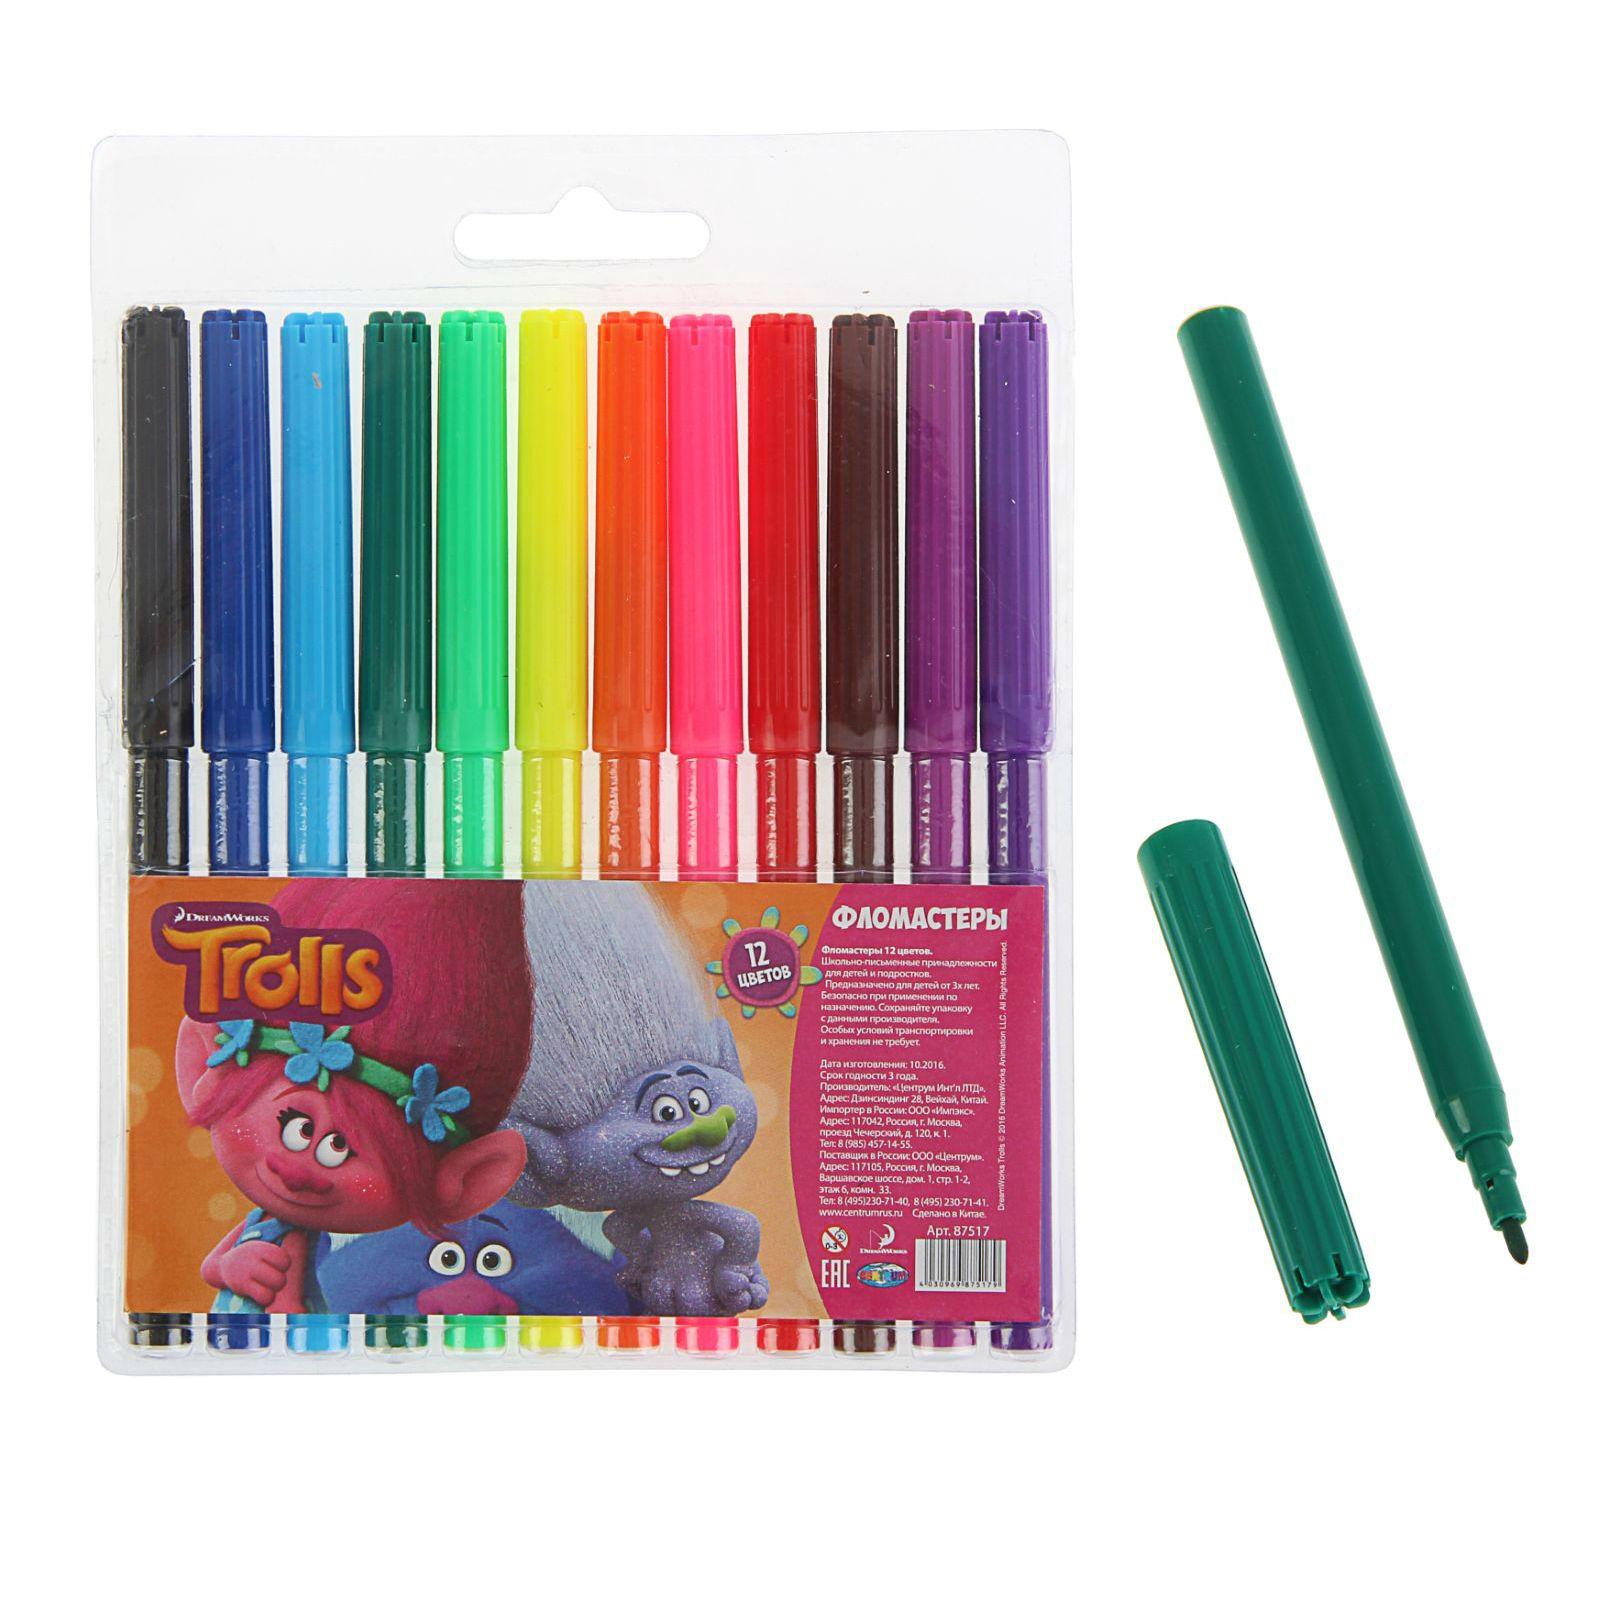 Фломастеры Тролли 12 цветовФломастеры<br>Фломастеры Тролли 12 цветов<br>